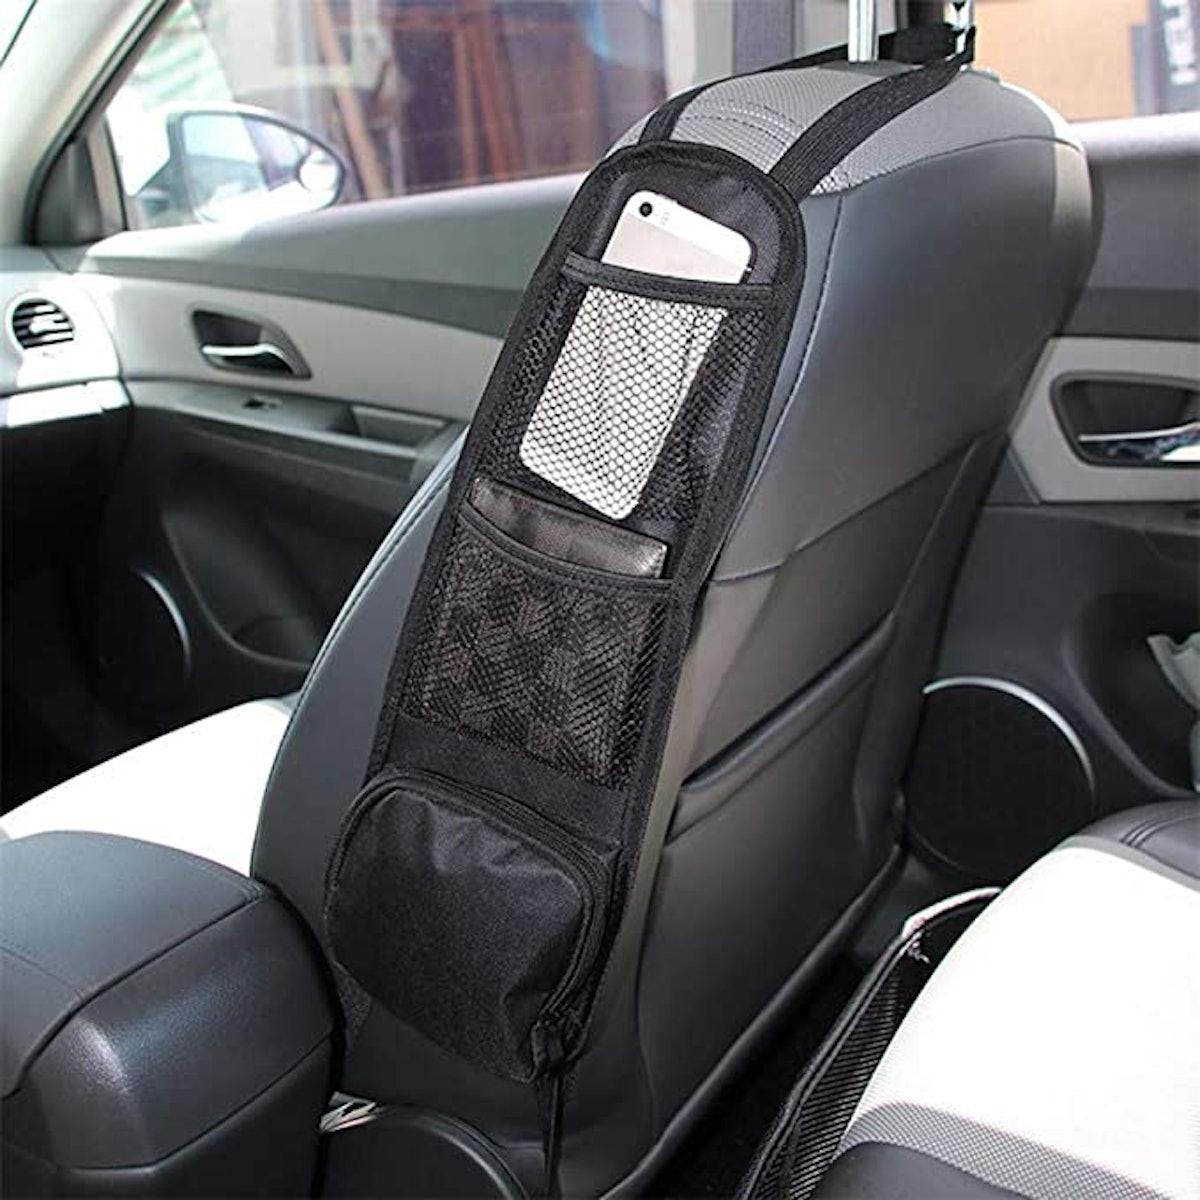 Kartisen Car Seat Side Organizer